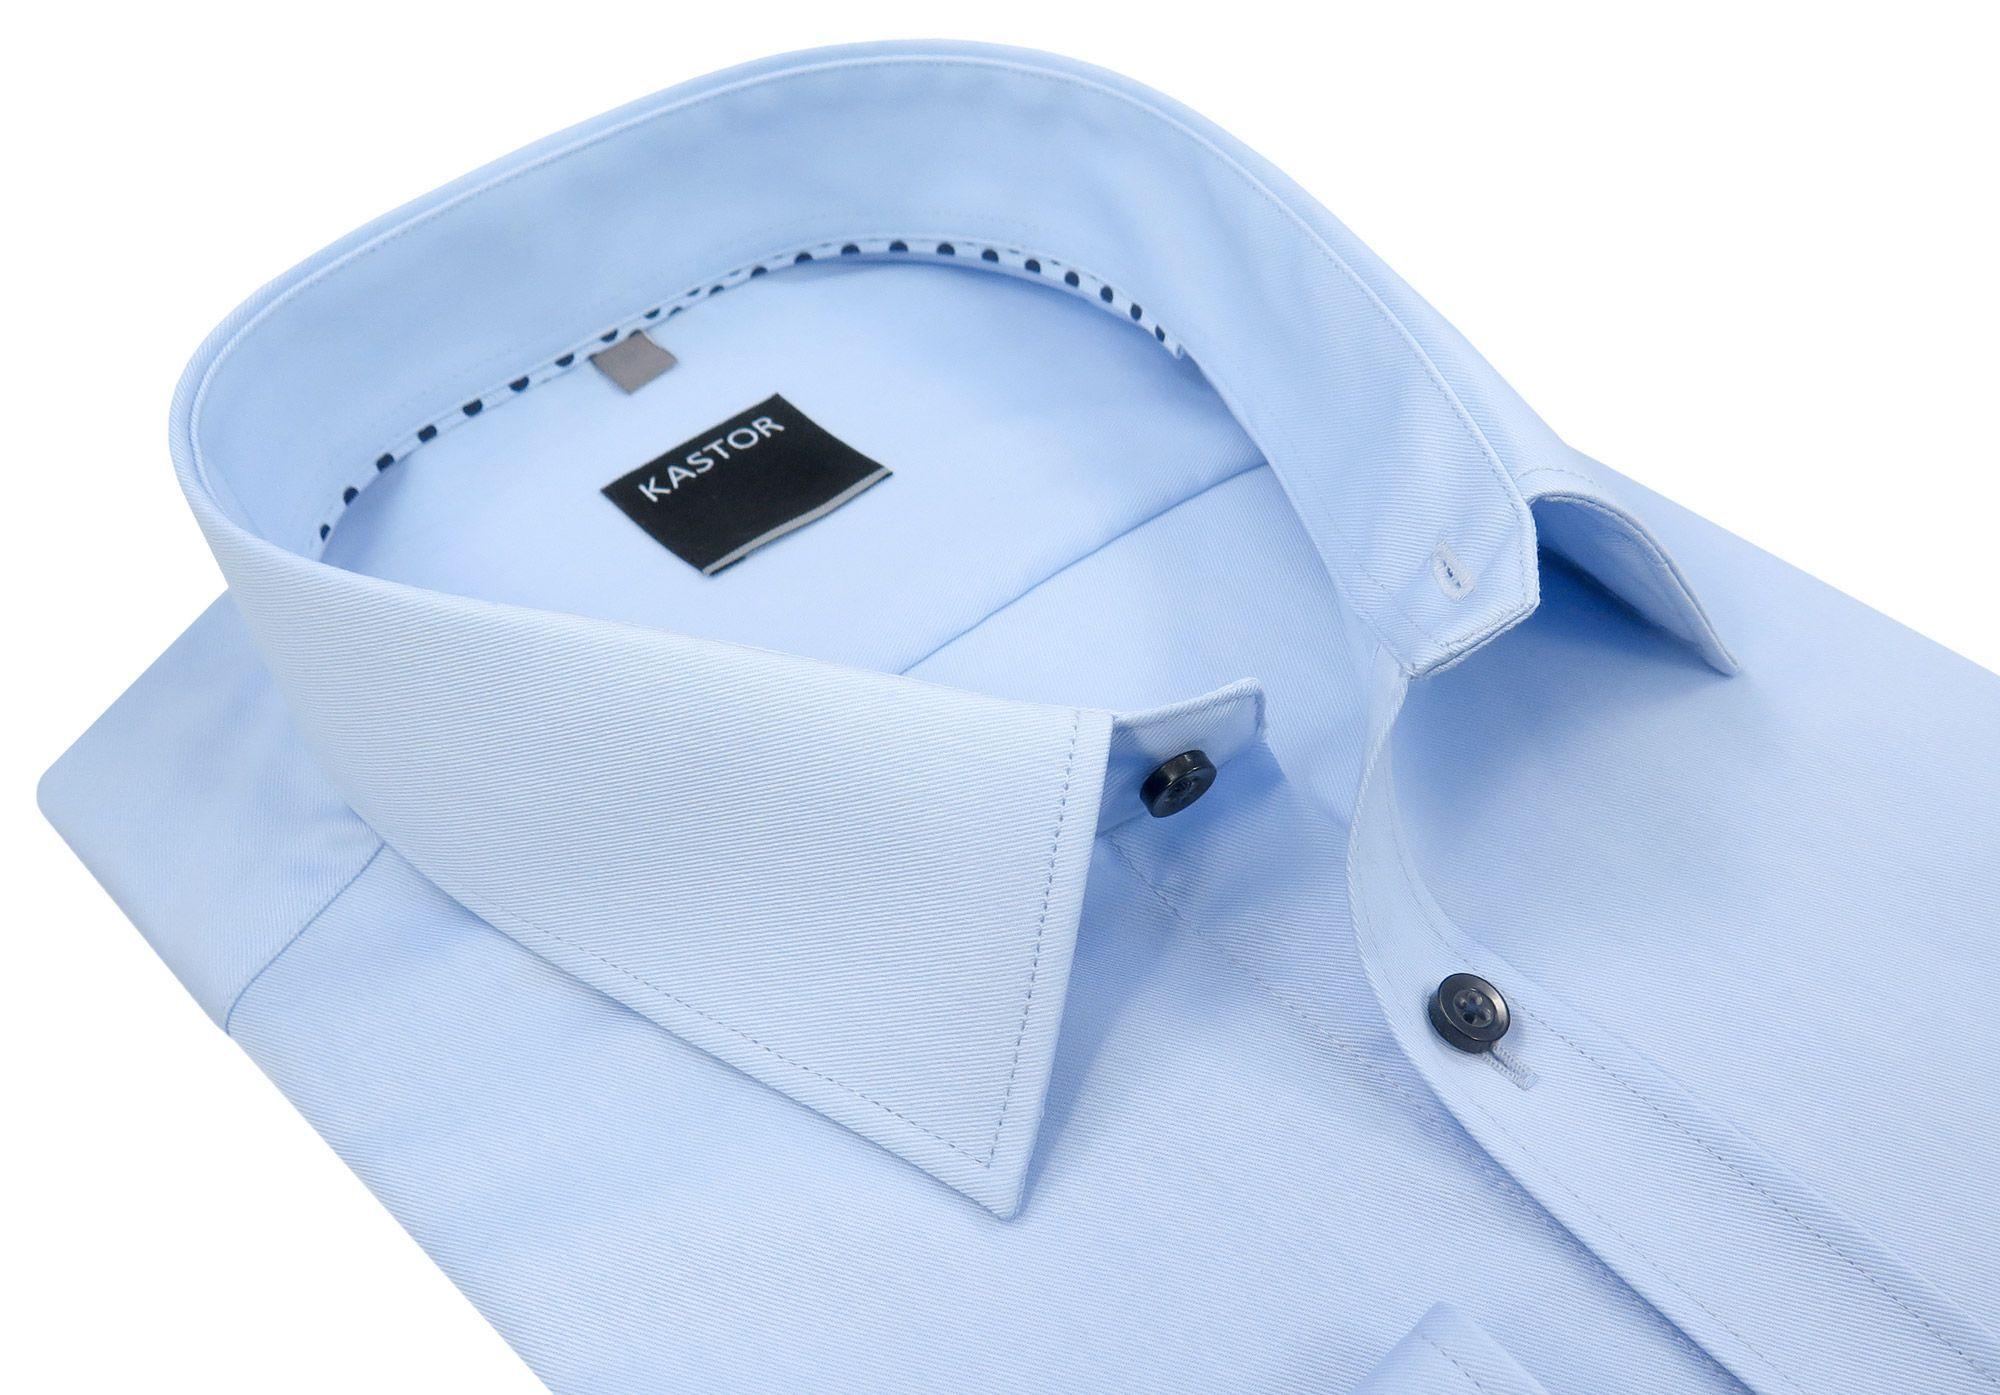 e4b79d3d7 Błękitna koszula męska KASTOR K59 188-194 50-XXXL - 7074136876 ...